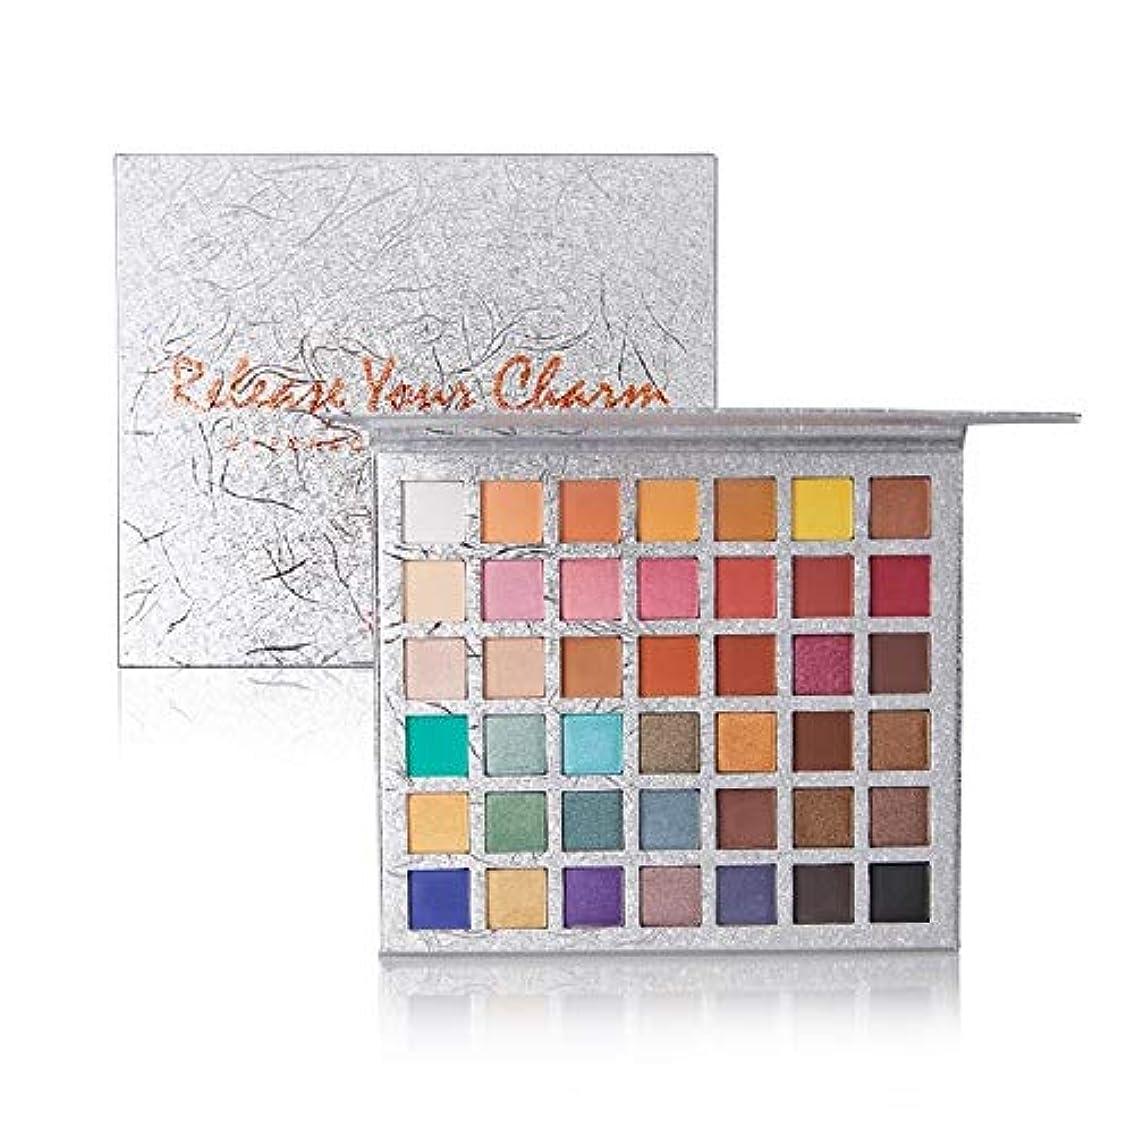 植物学投資スペル42 Colors Eyeshadow Pallete Glitter Makeup Matte Eye shadow Long-lasting Make Up Palette Maquillage Paleta De...